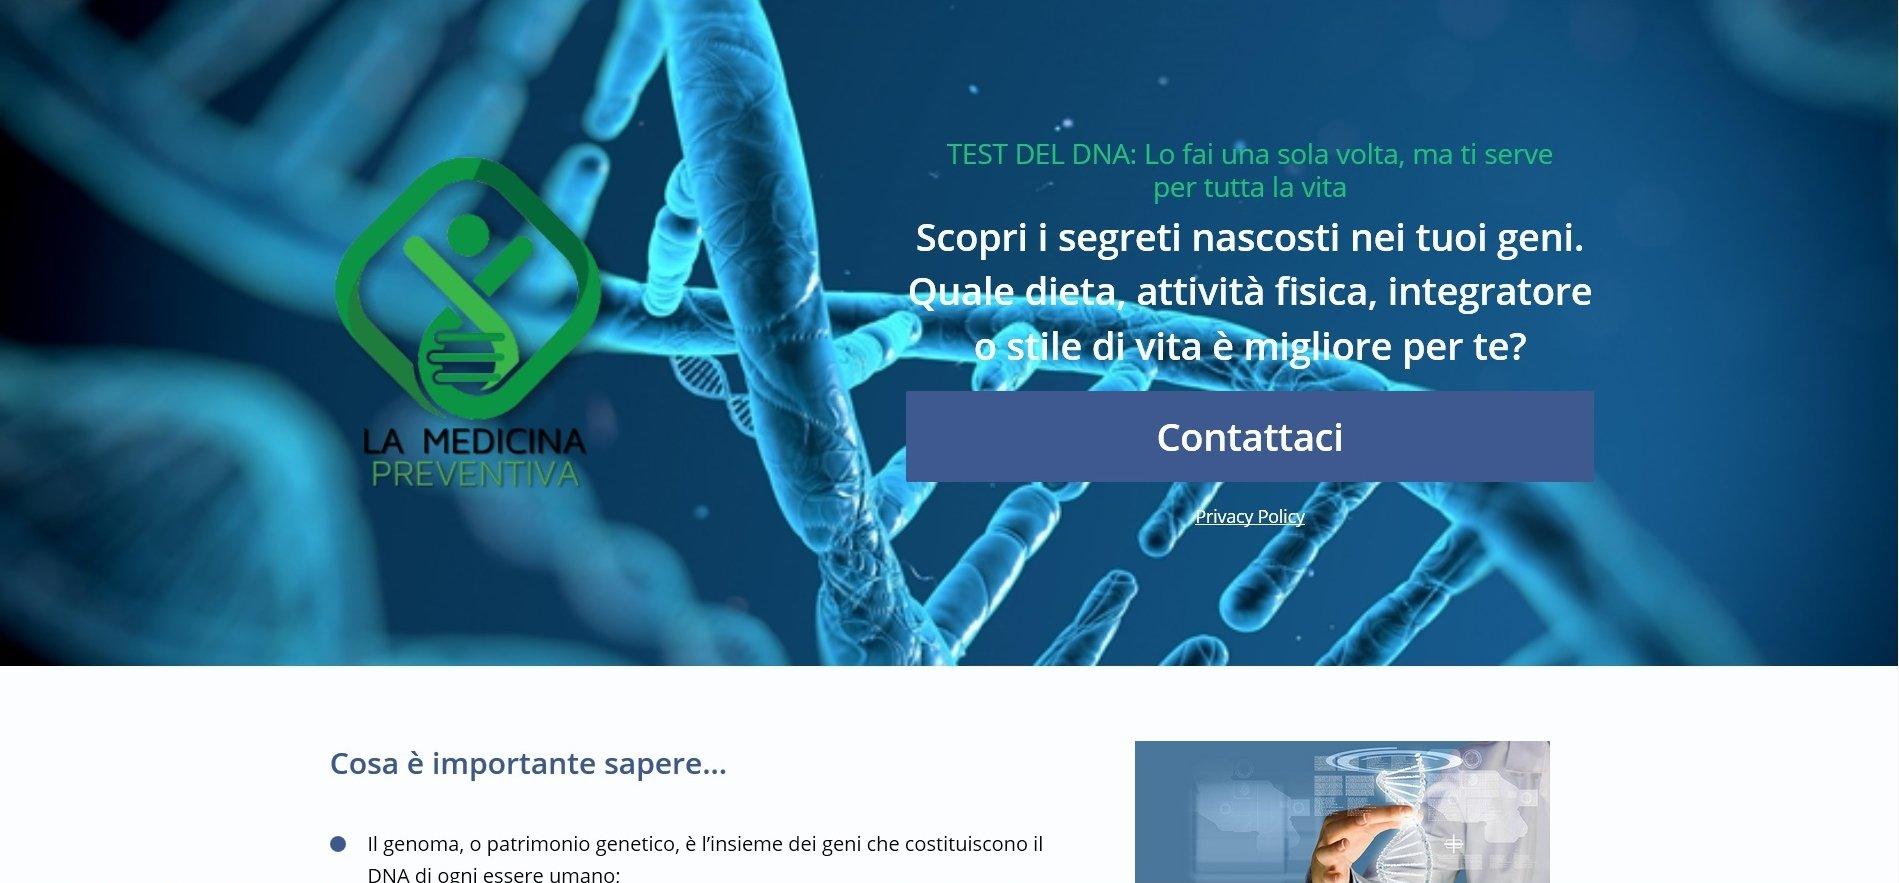 Scopri i segreti nascosti nei tuoi geni